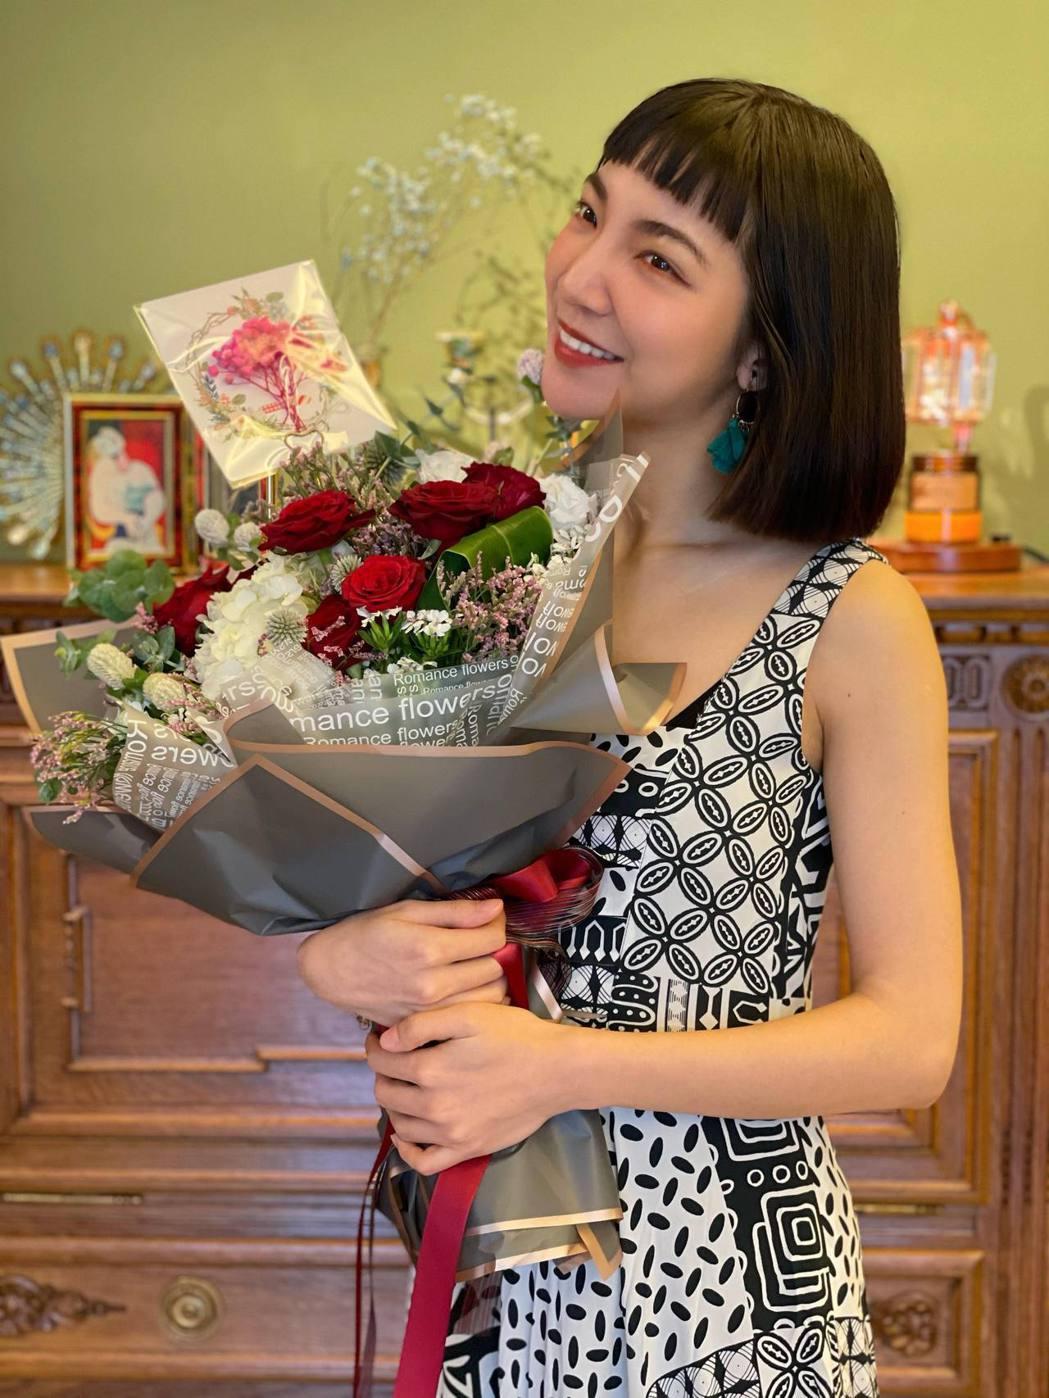 高雋雅在線上過30歲生日。圖/高雋雅提供